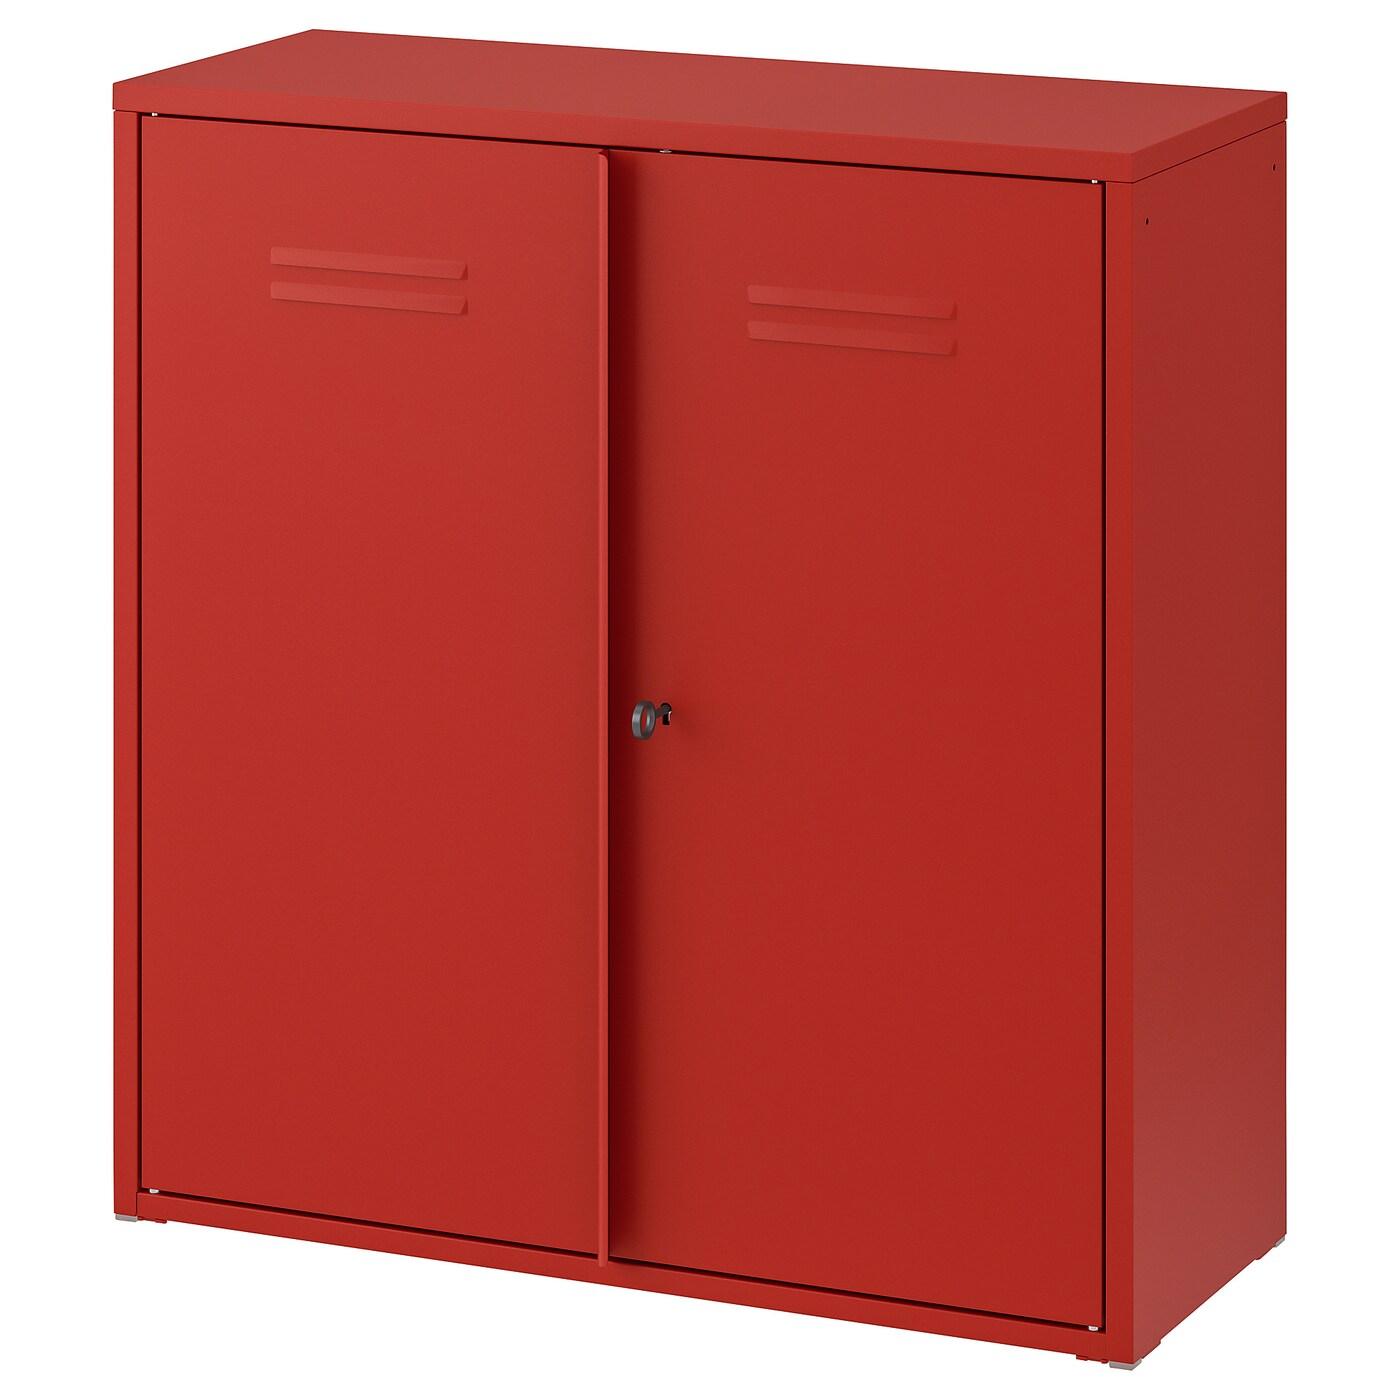 Ivar Armoire Avec Portes Rouge 80x83 Cm Ikea